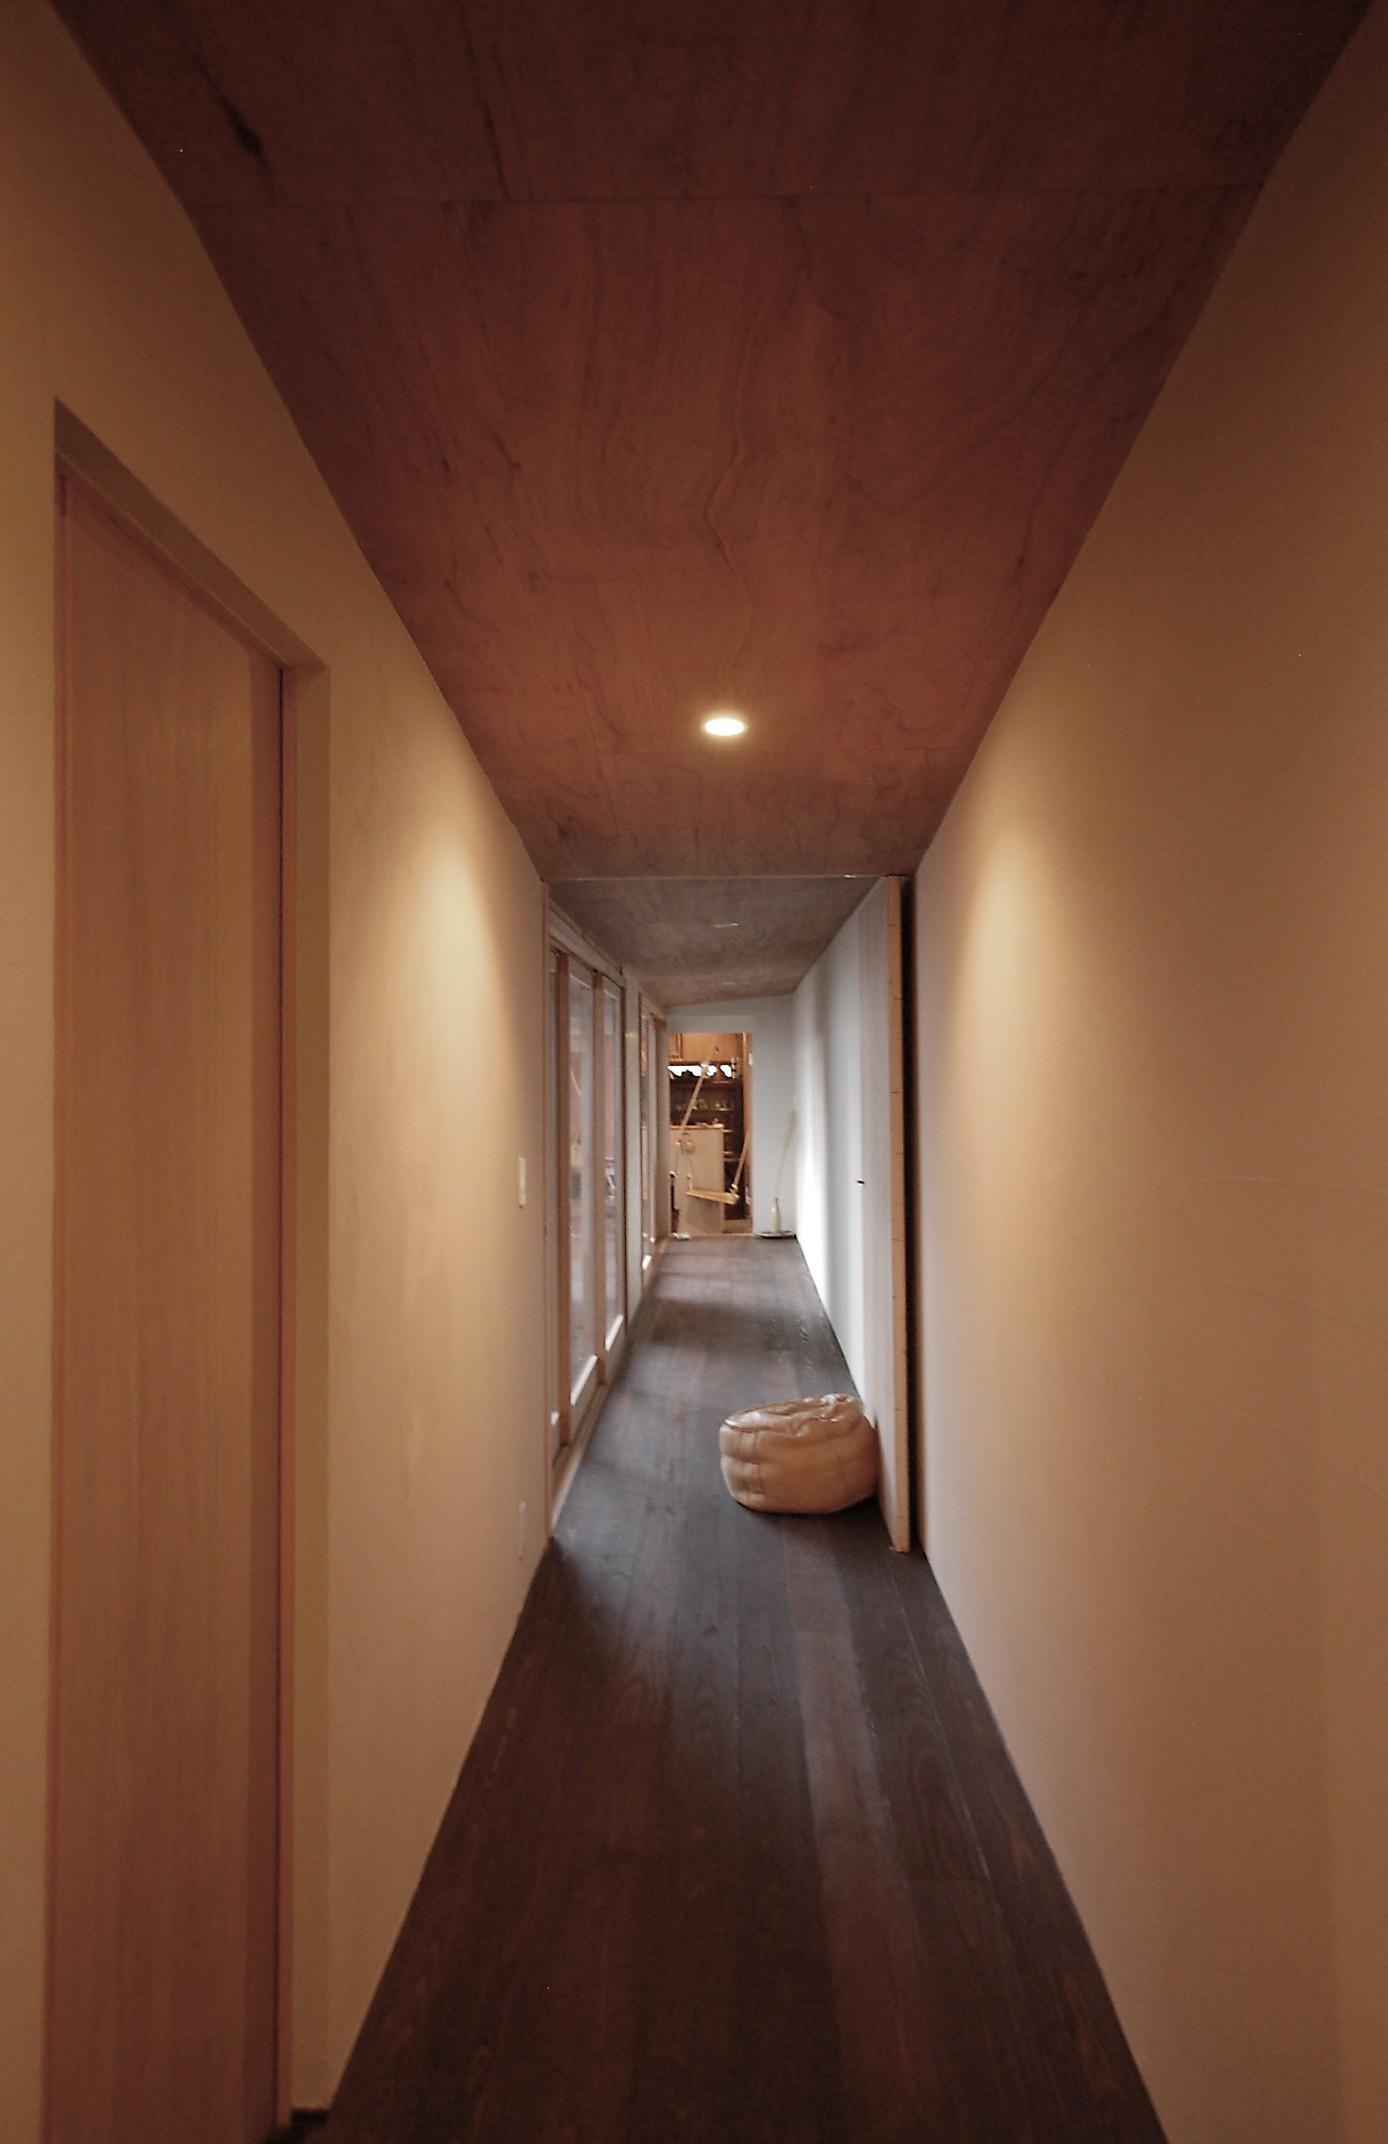 リビングダイニング事例:廊下を見通す(膳所城下の改装)